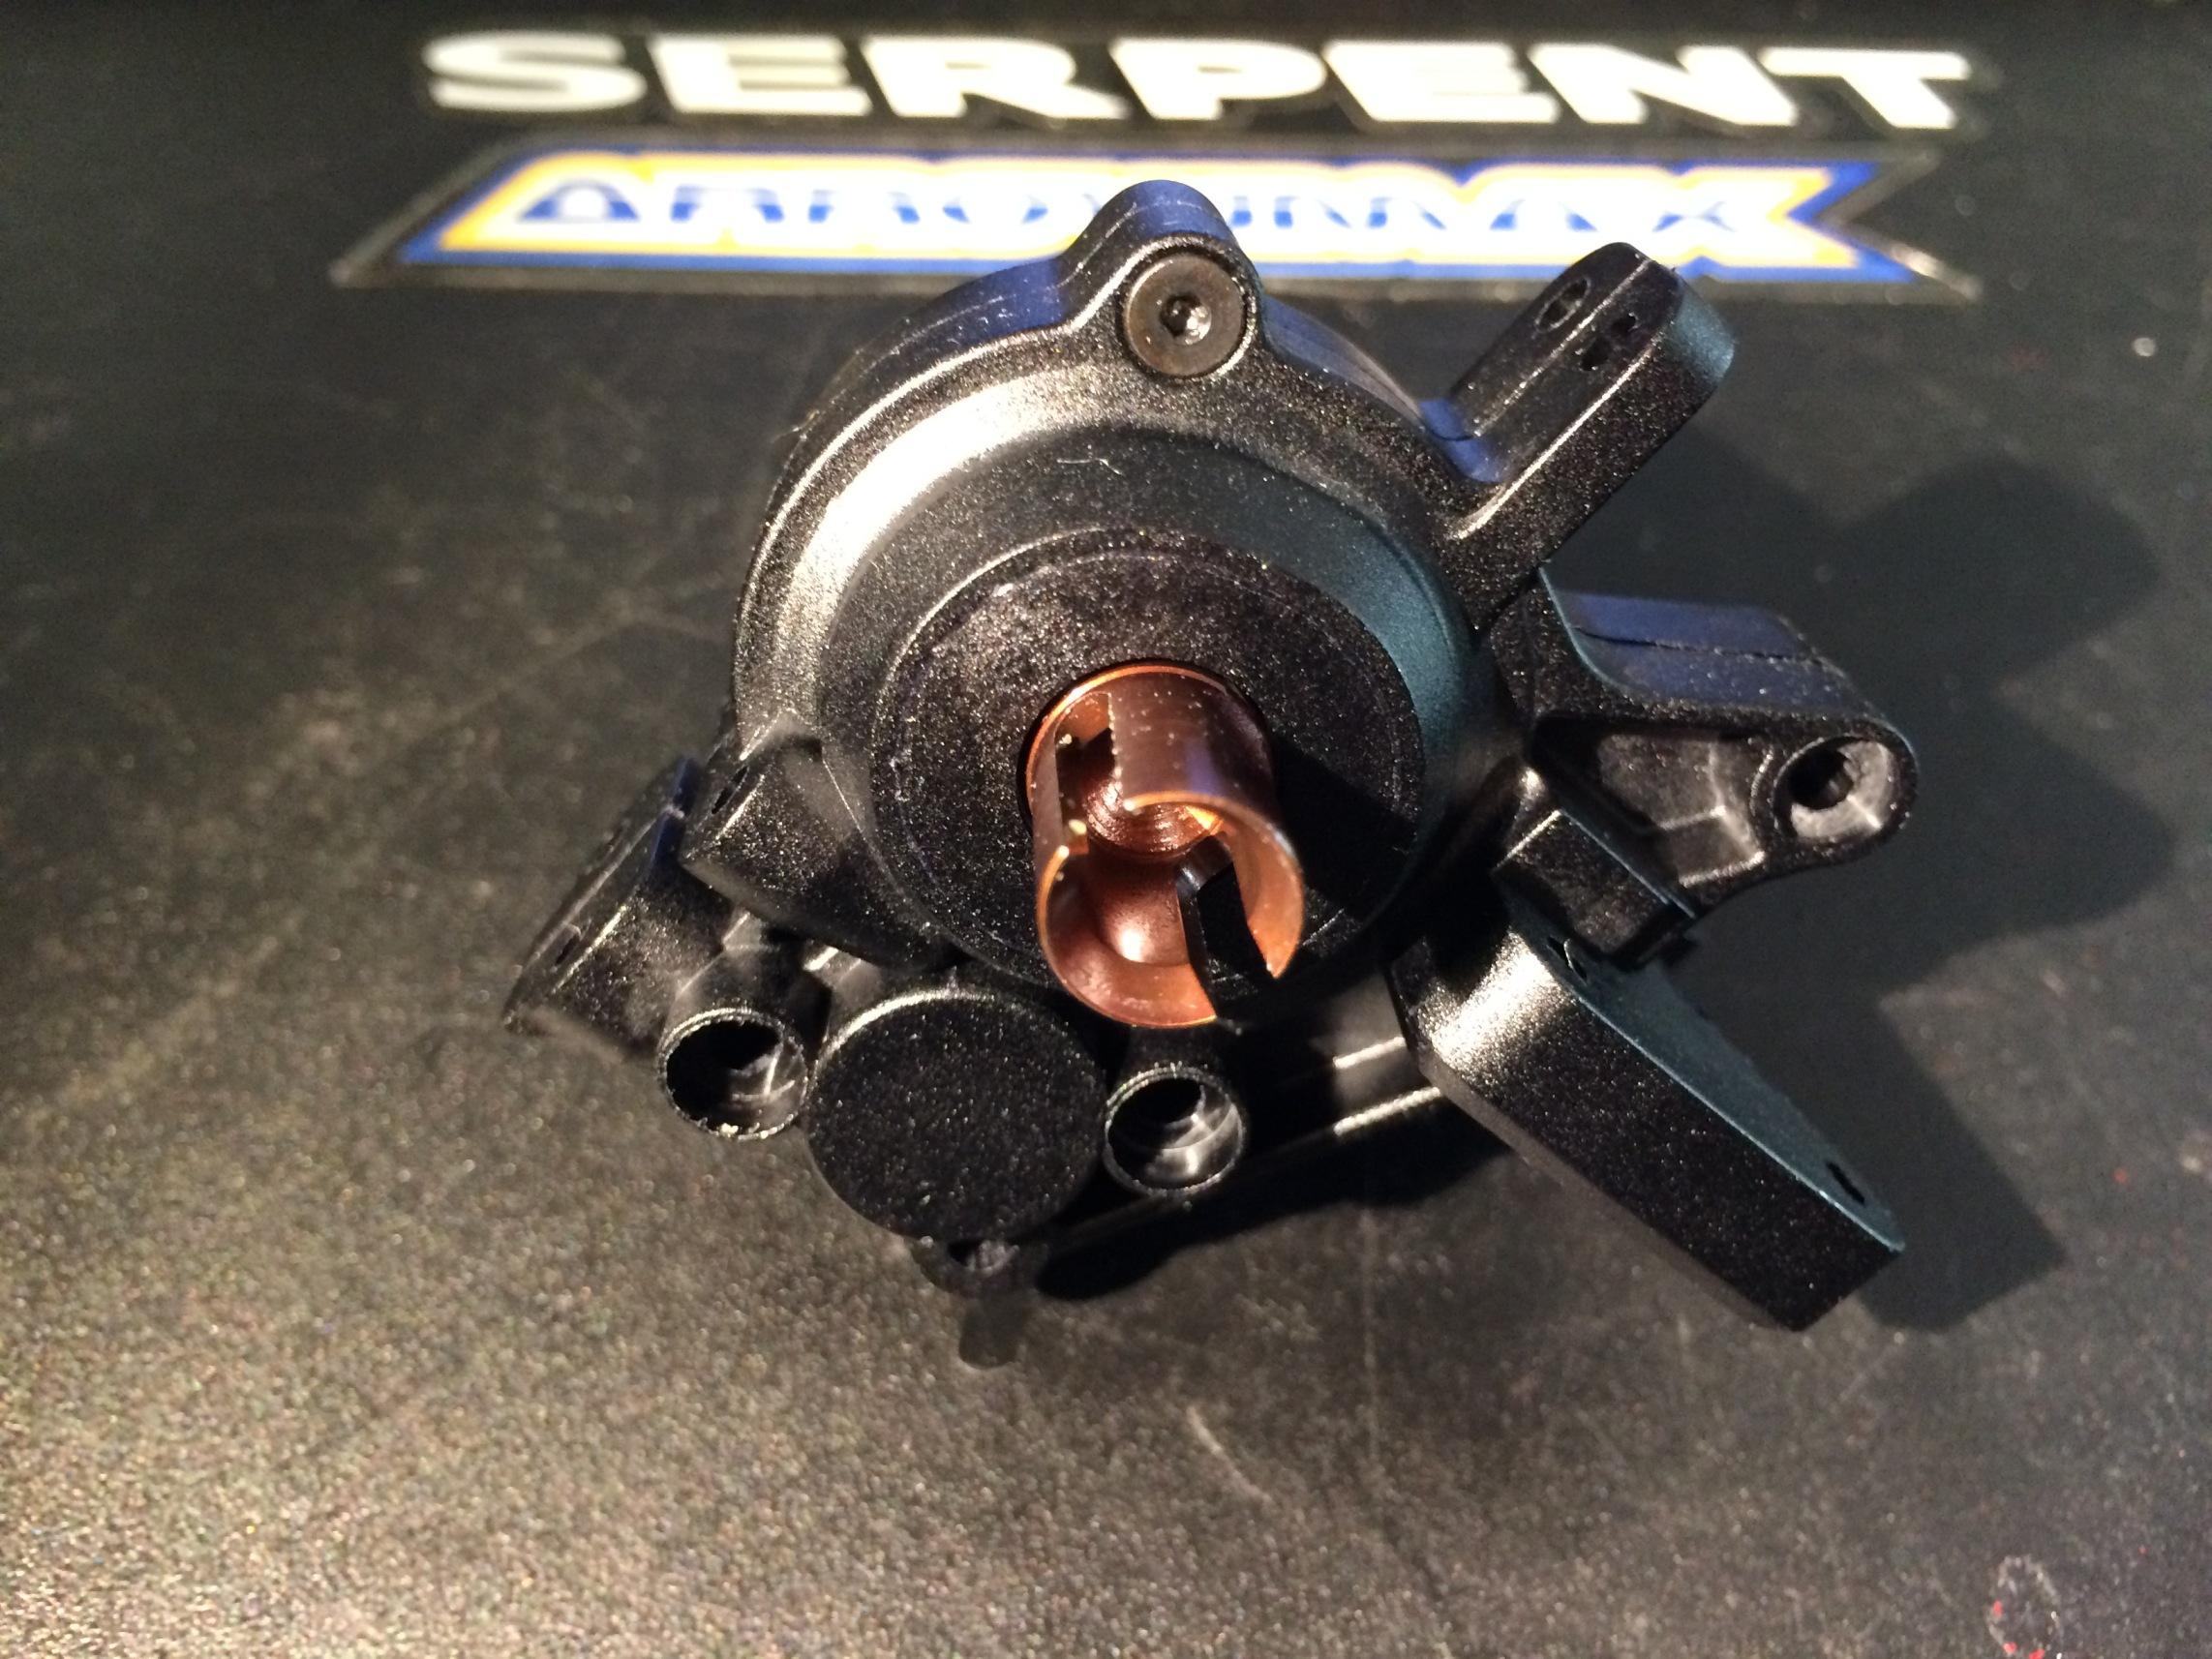 Serpent SRX-4 Build 027